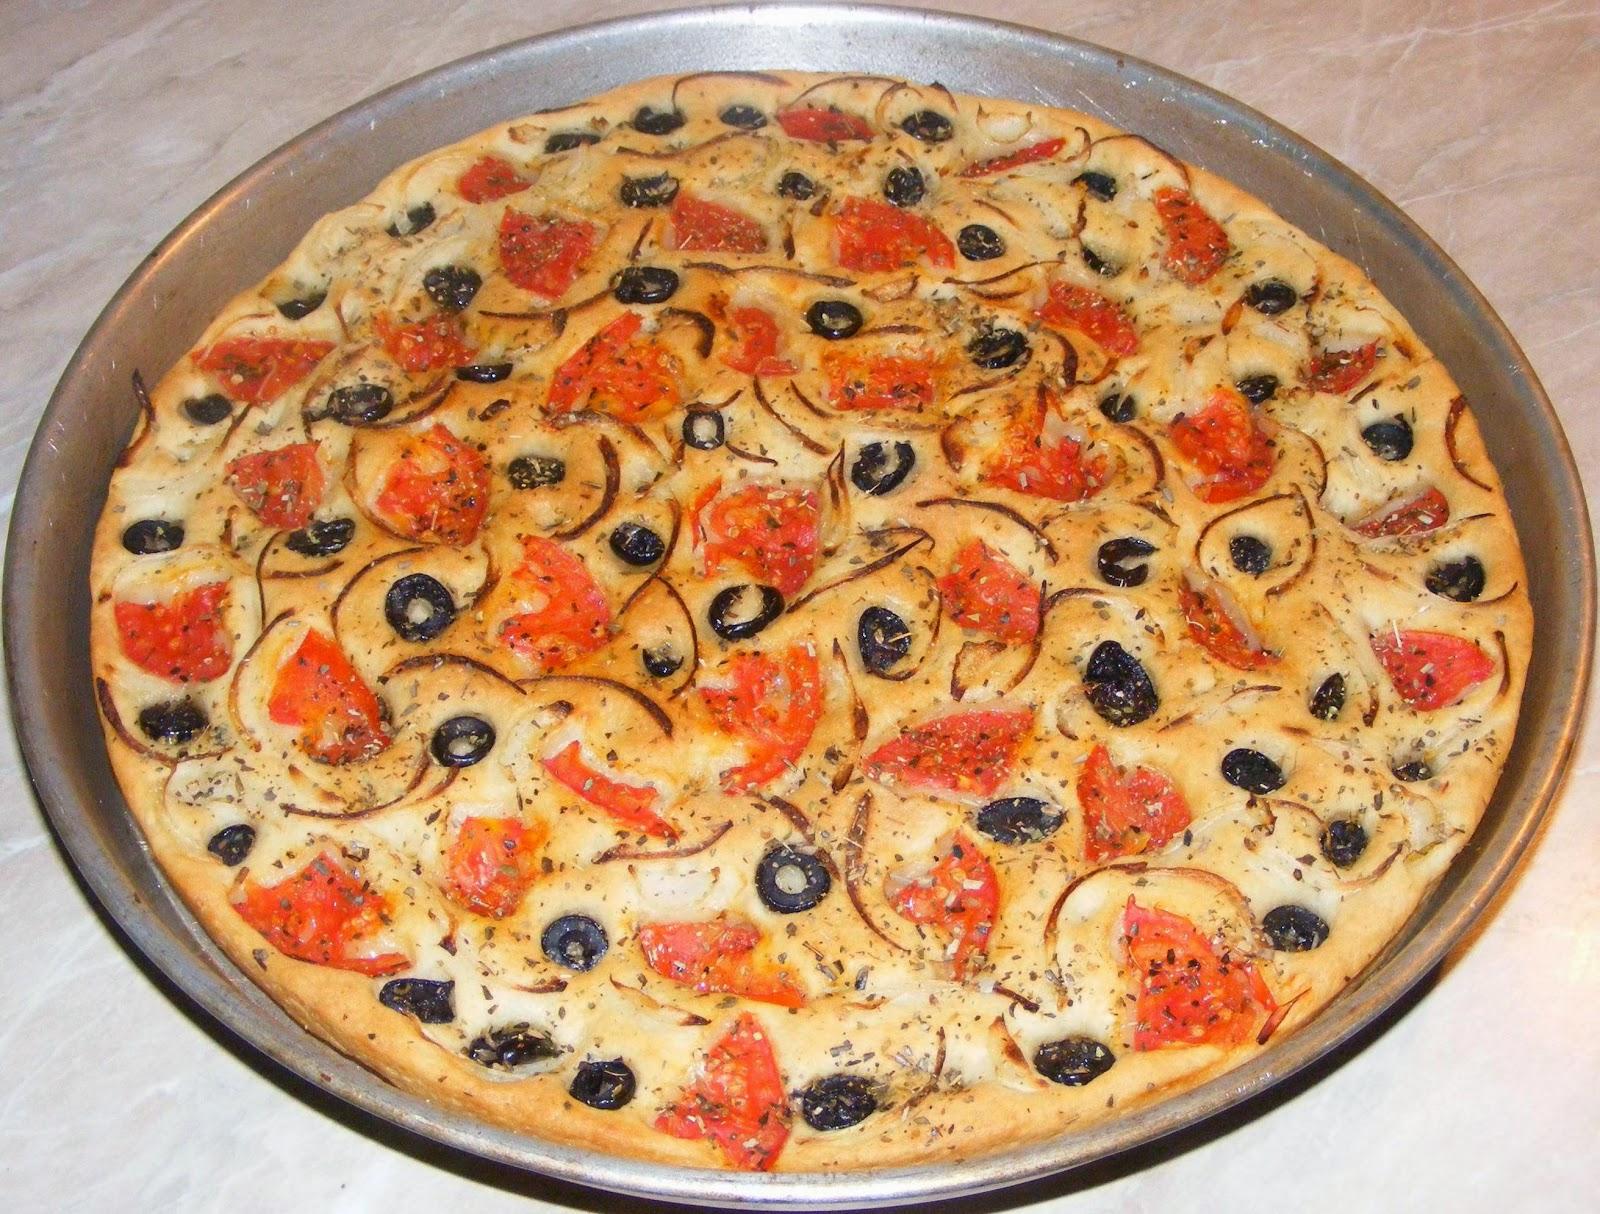 focaccia, reteta focaccia, focaccia italiana, focaccia de post, retete de post, retete de mancare, retete straine, retete italiene, pizza, blat pizza, paine, retete culinare, retete si preparate culinare focaccia, retete milaneze,